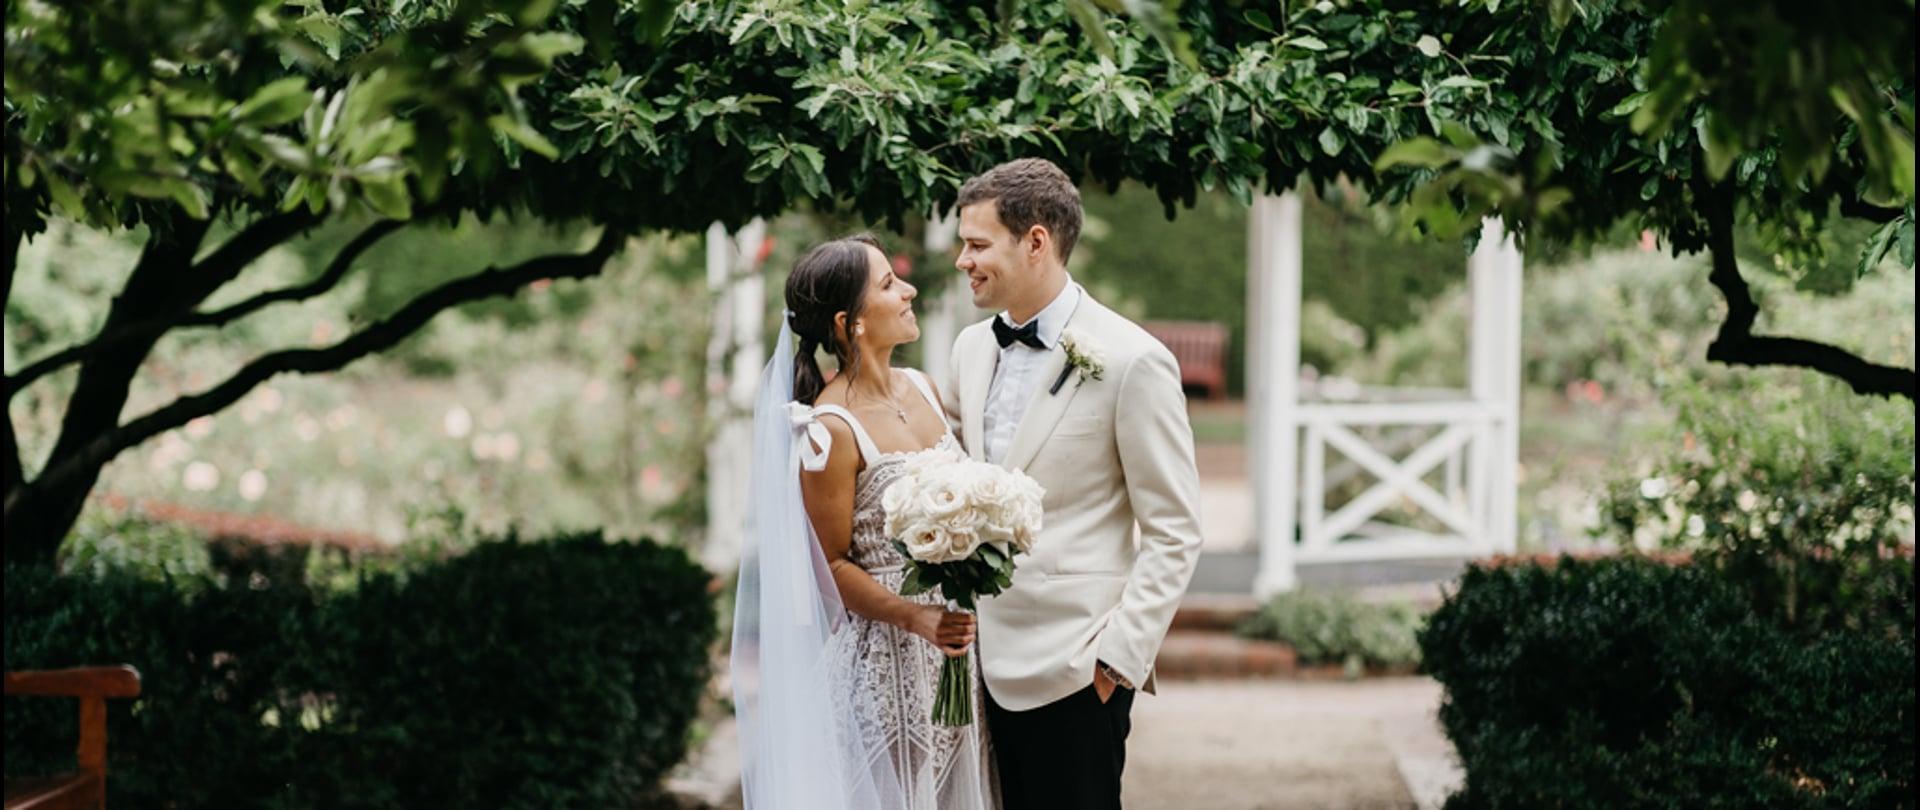 Teagan & Jesse Wedding Video Filmed at Melbourne, Victoria